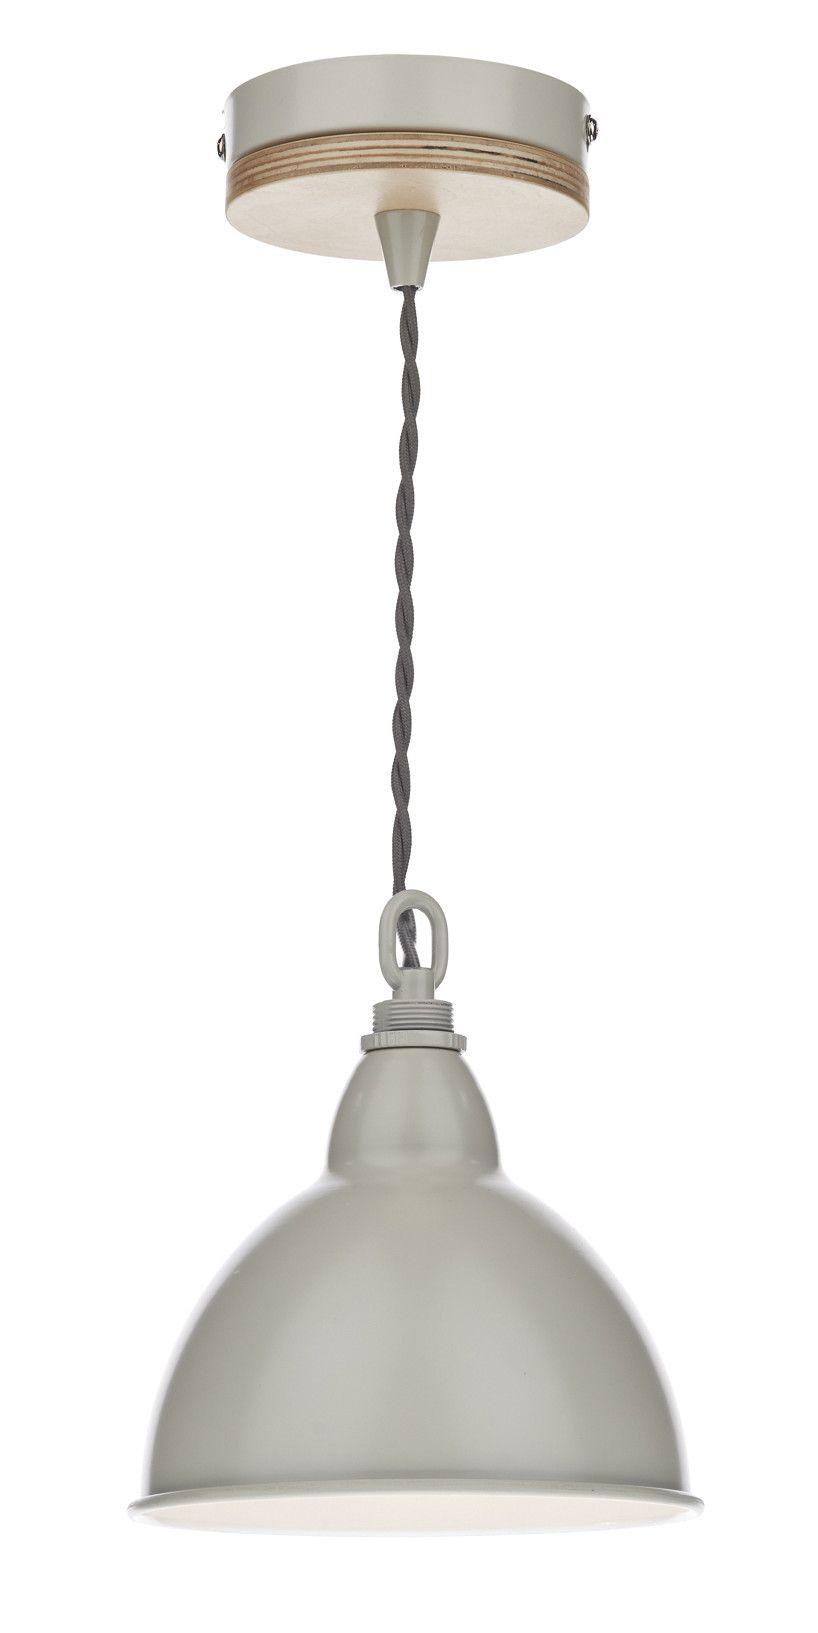 Blyton 1 light mini pendant light wayfair uk lighting blyton 1 light mini pendant light wayfair uk aloadofball Choice Image